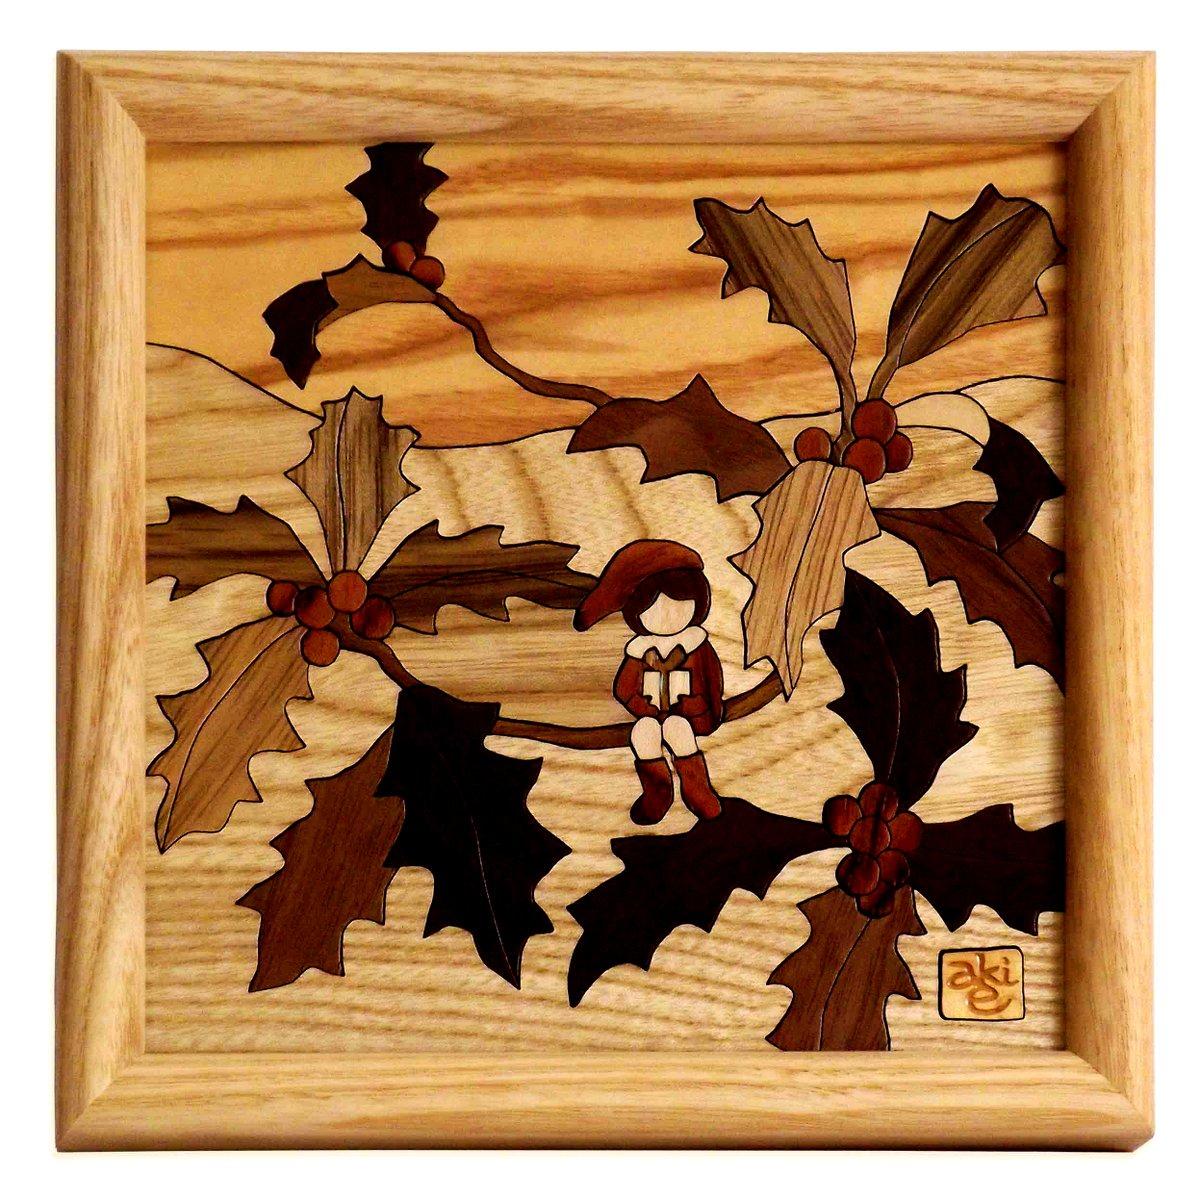 【木の絵画・ウッドアート】季節のお花 柊-ヒイラギ アトリエやしろ ゆうパケット